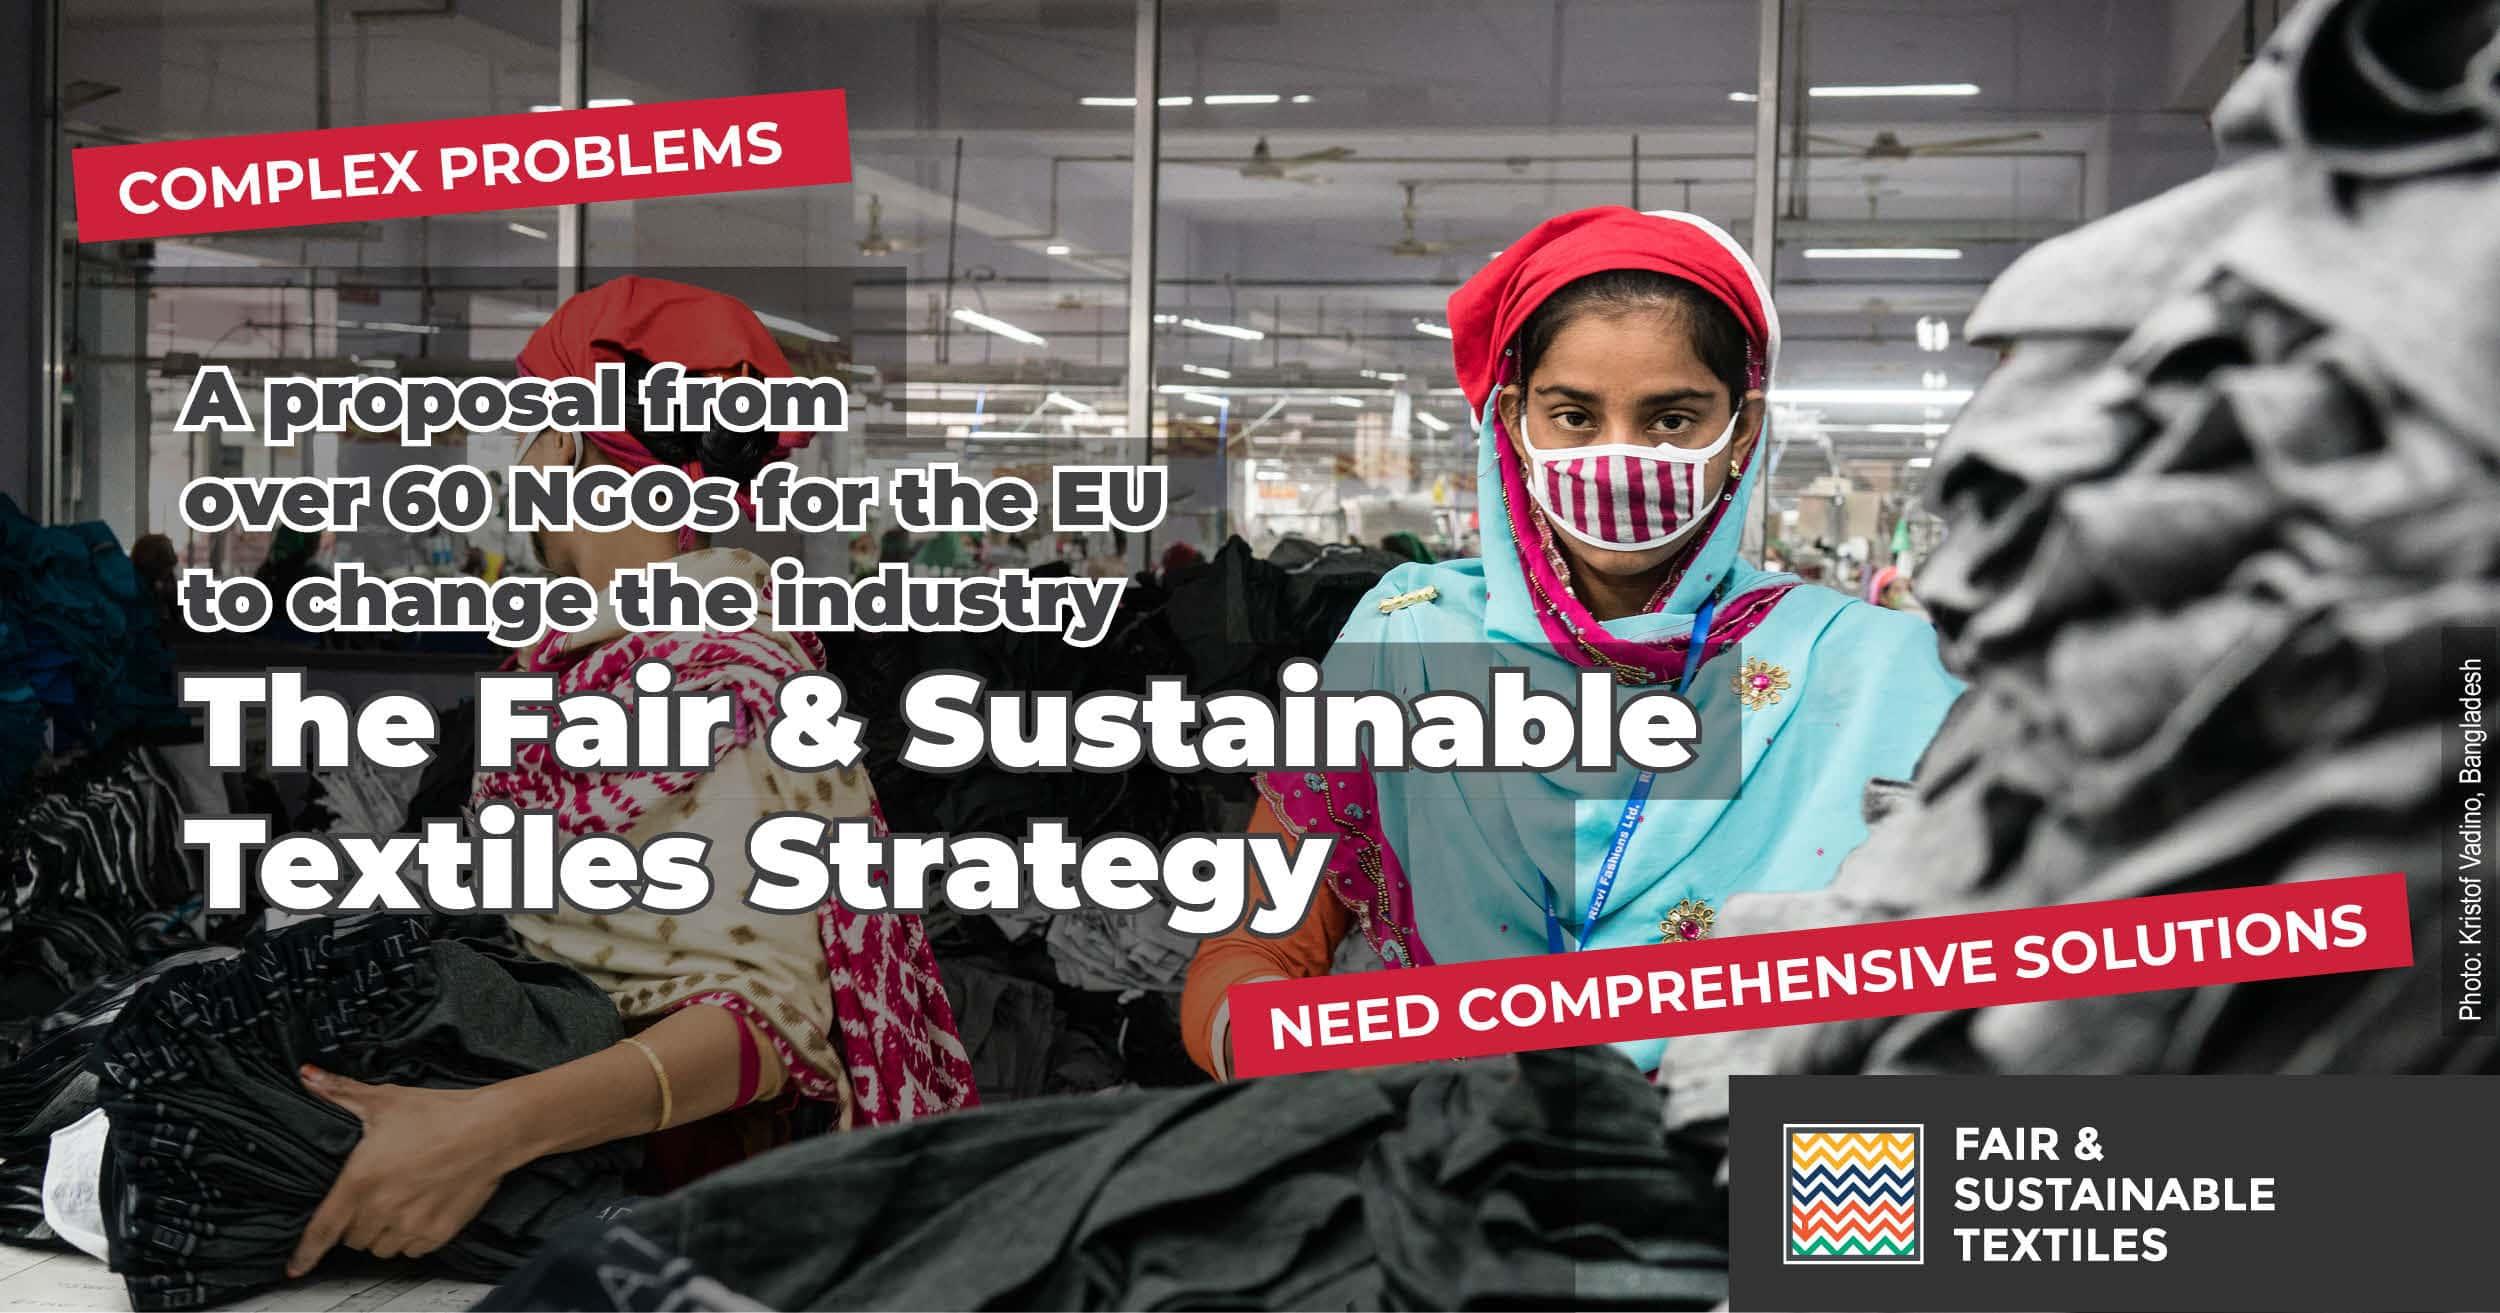 Koronavirus je pokazal, da mora EU ukiniti toksično tekstilno industrijo